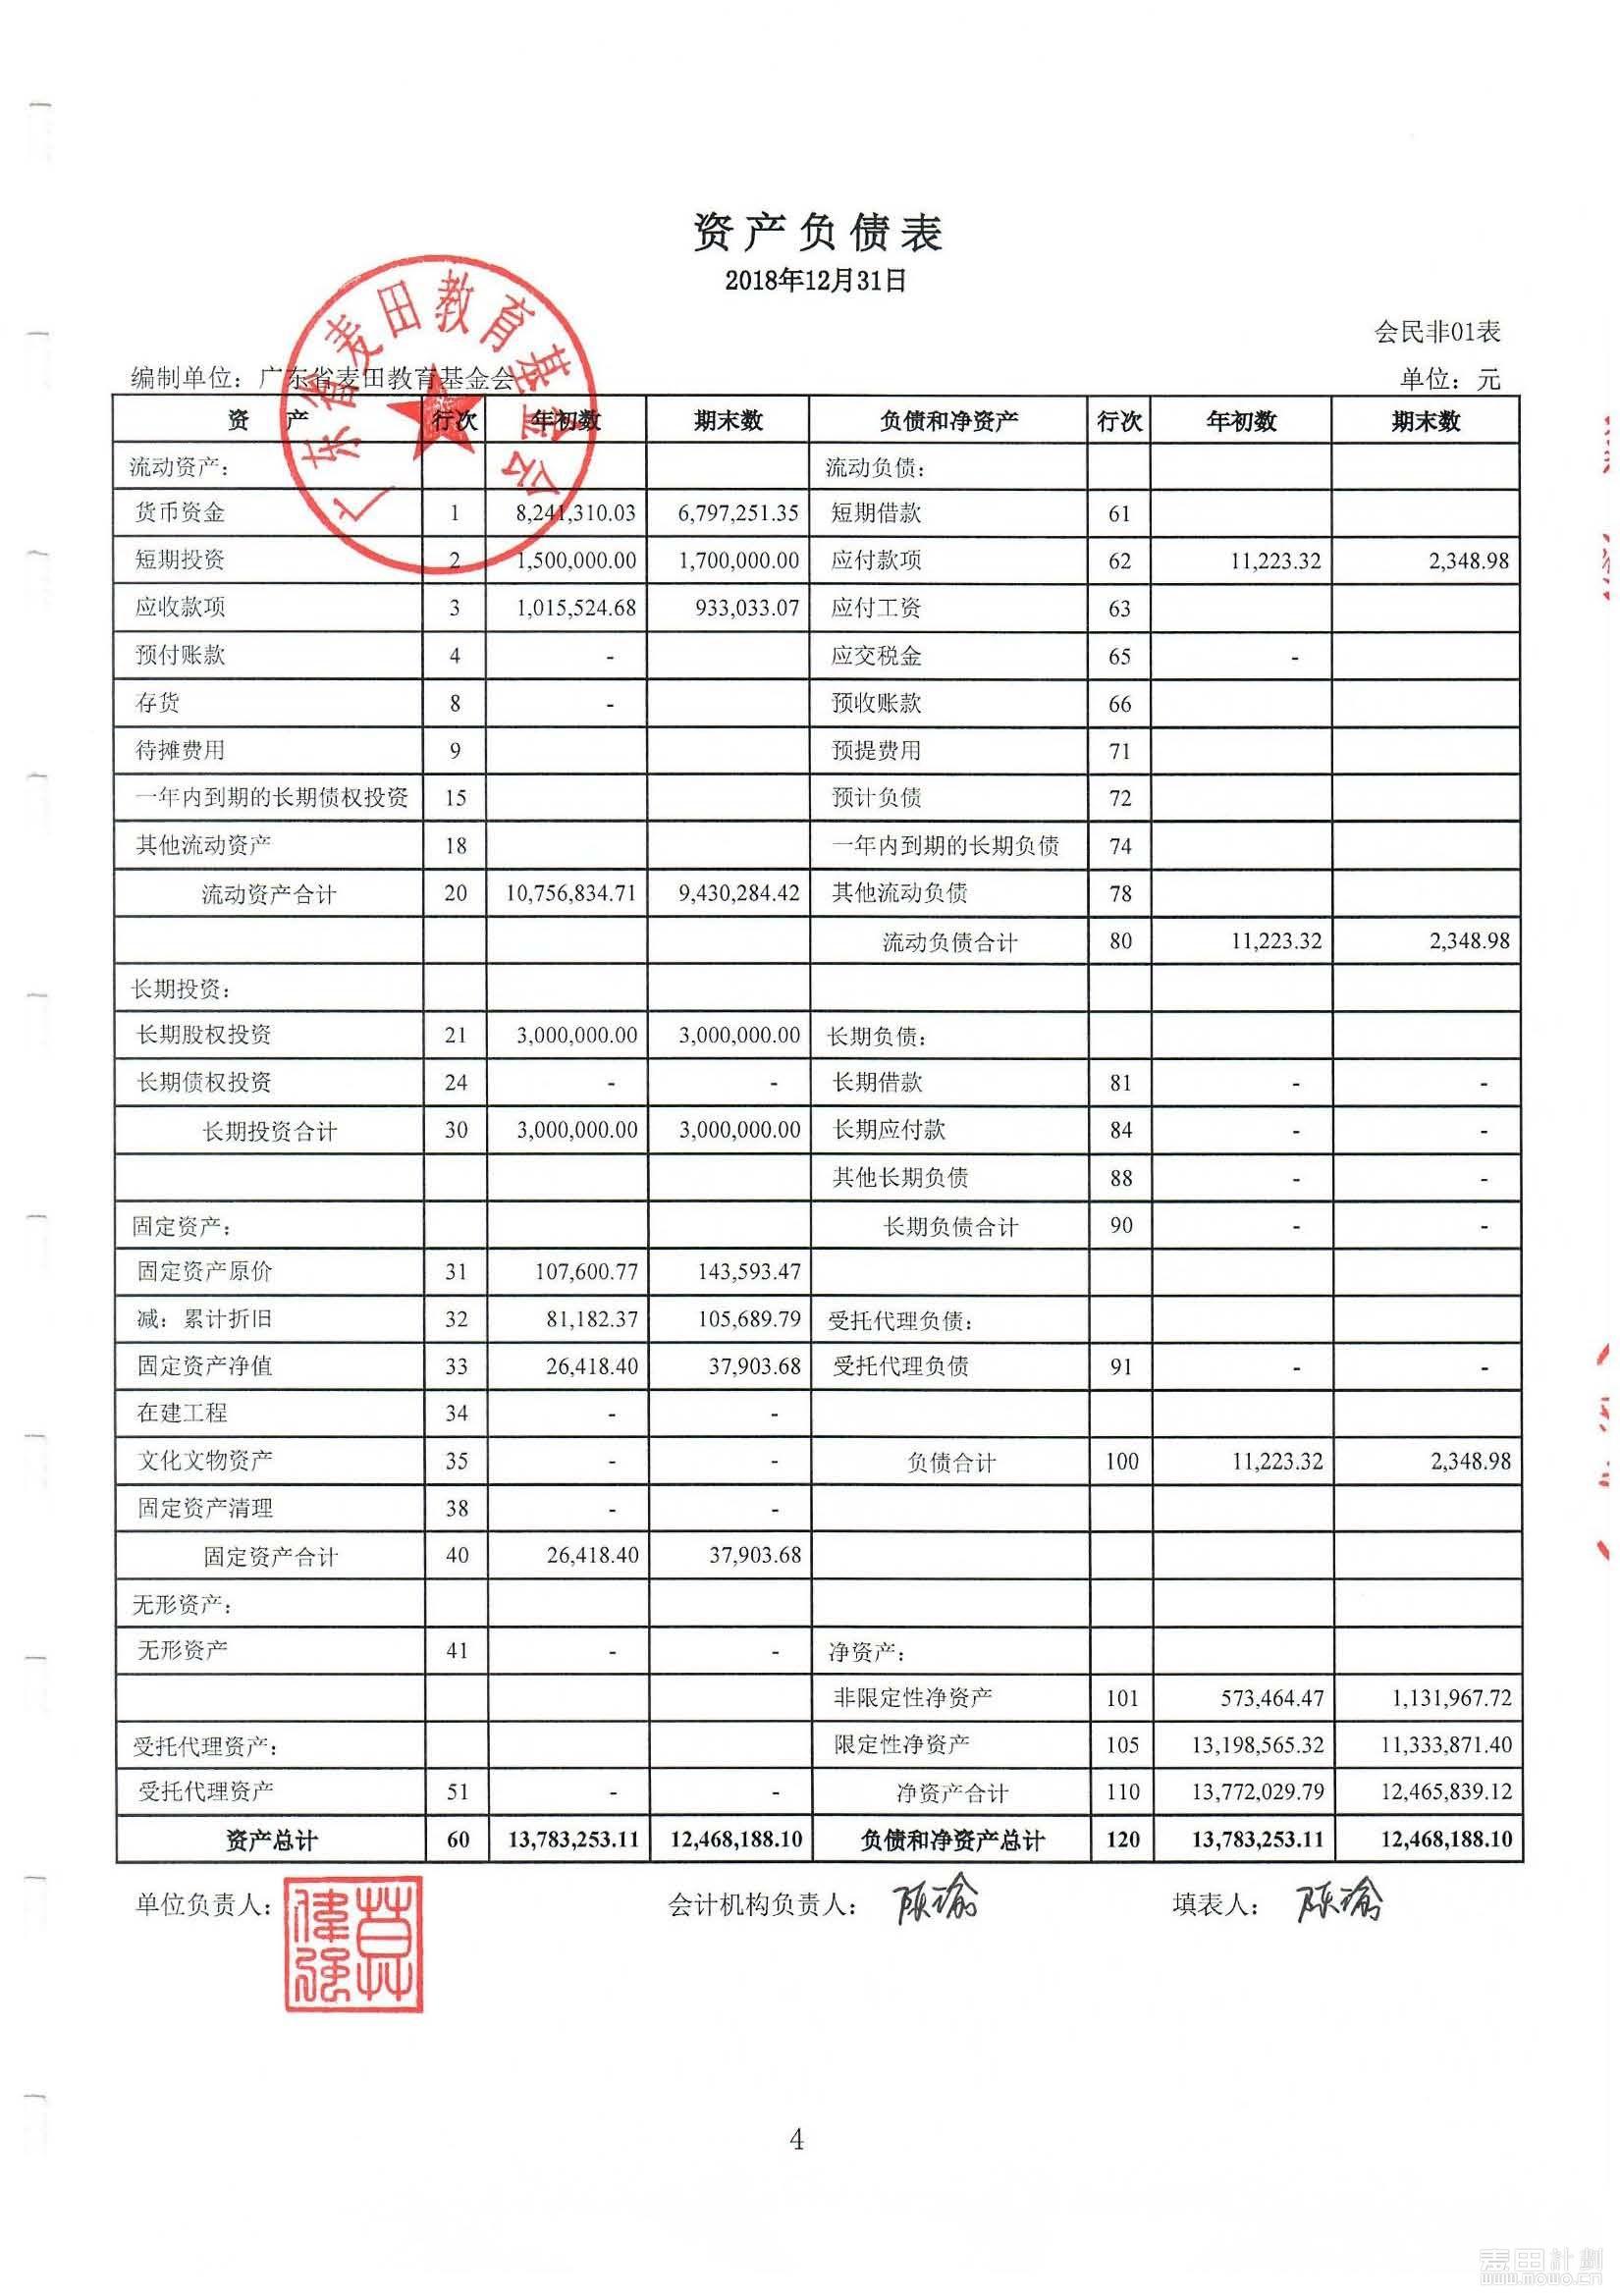 2018年麦田审计报告_页面_06.jpg